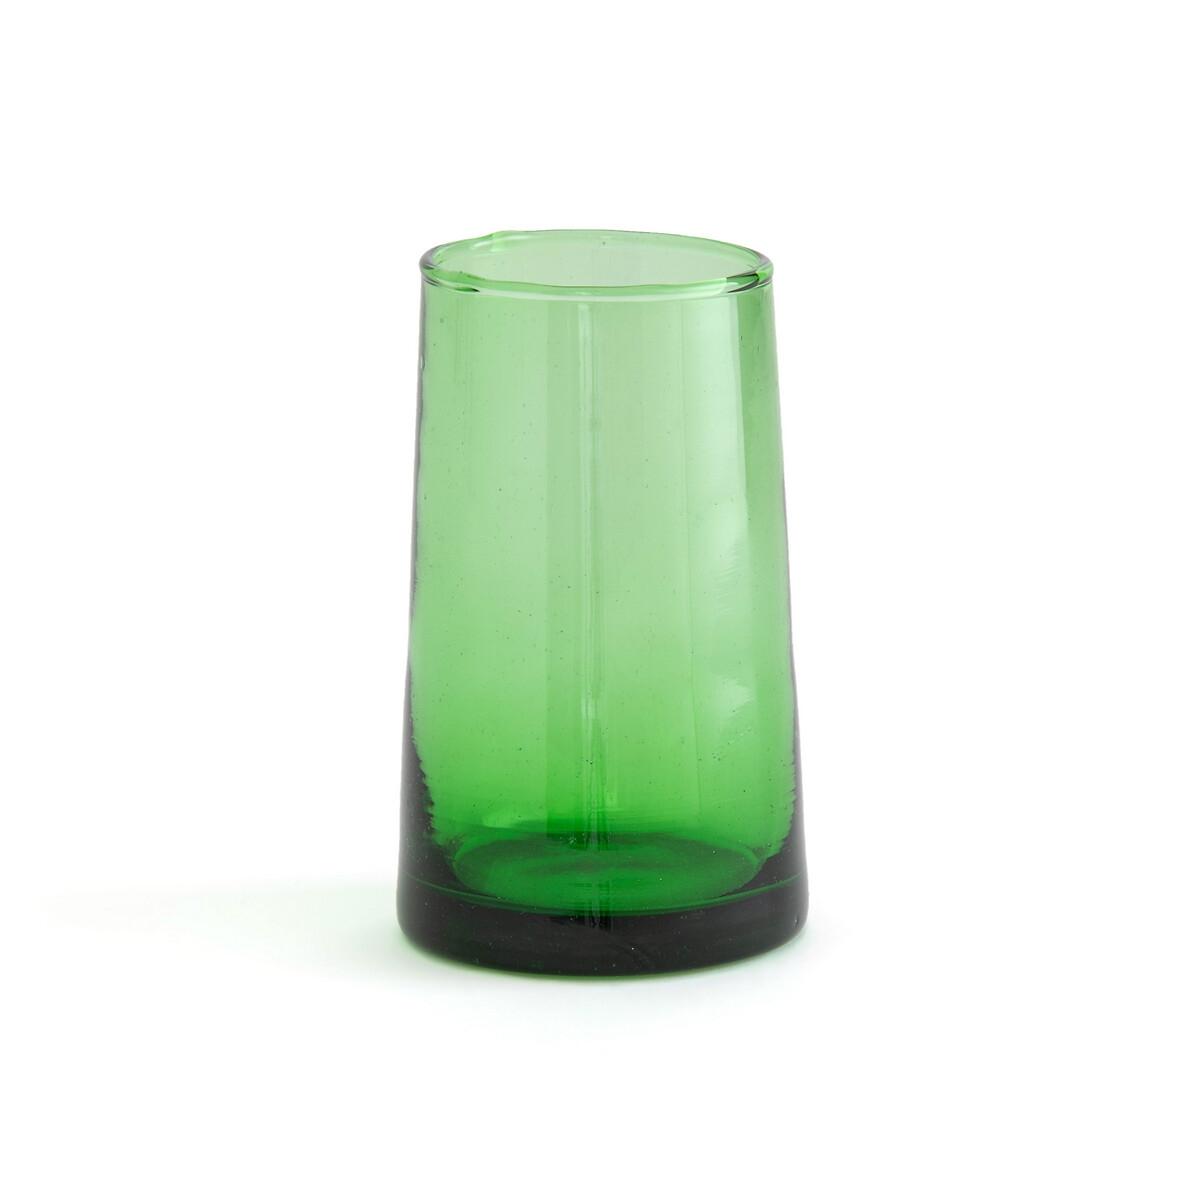 Комплект из 6 стаканов для LaRedoute Сока из дутого стекла Gimani единый размер зеленый графин laredoute из дутого стекла calebasse единый размер другие